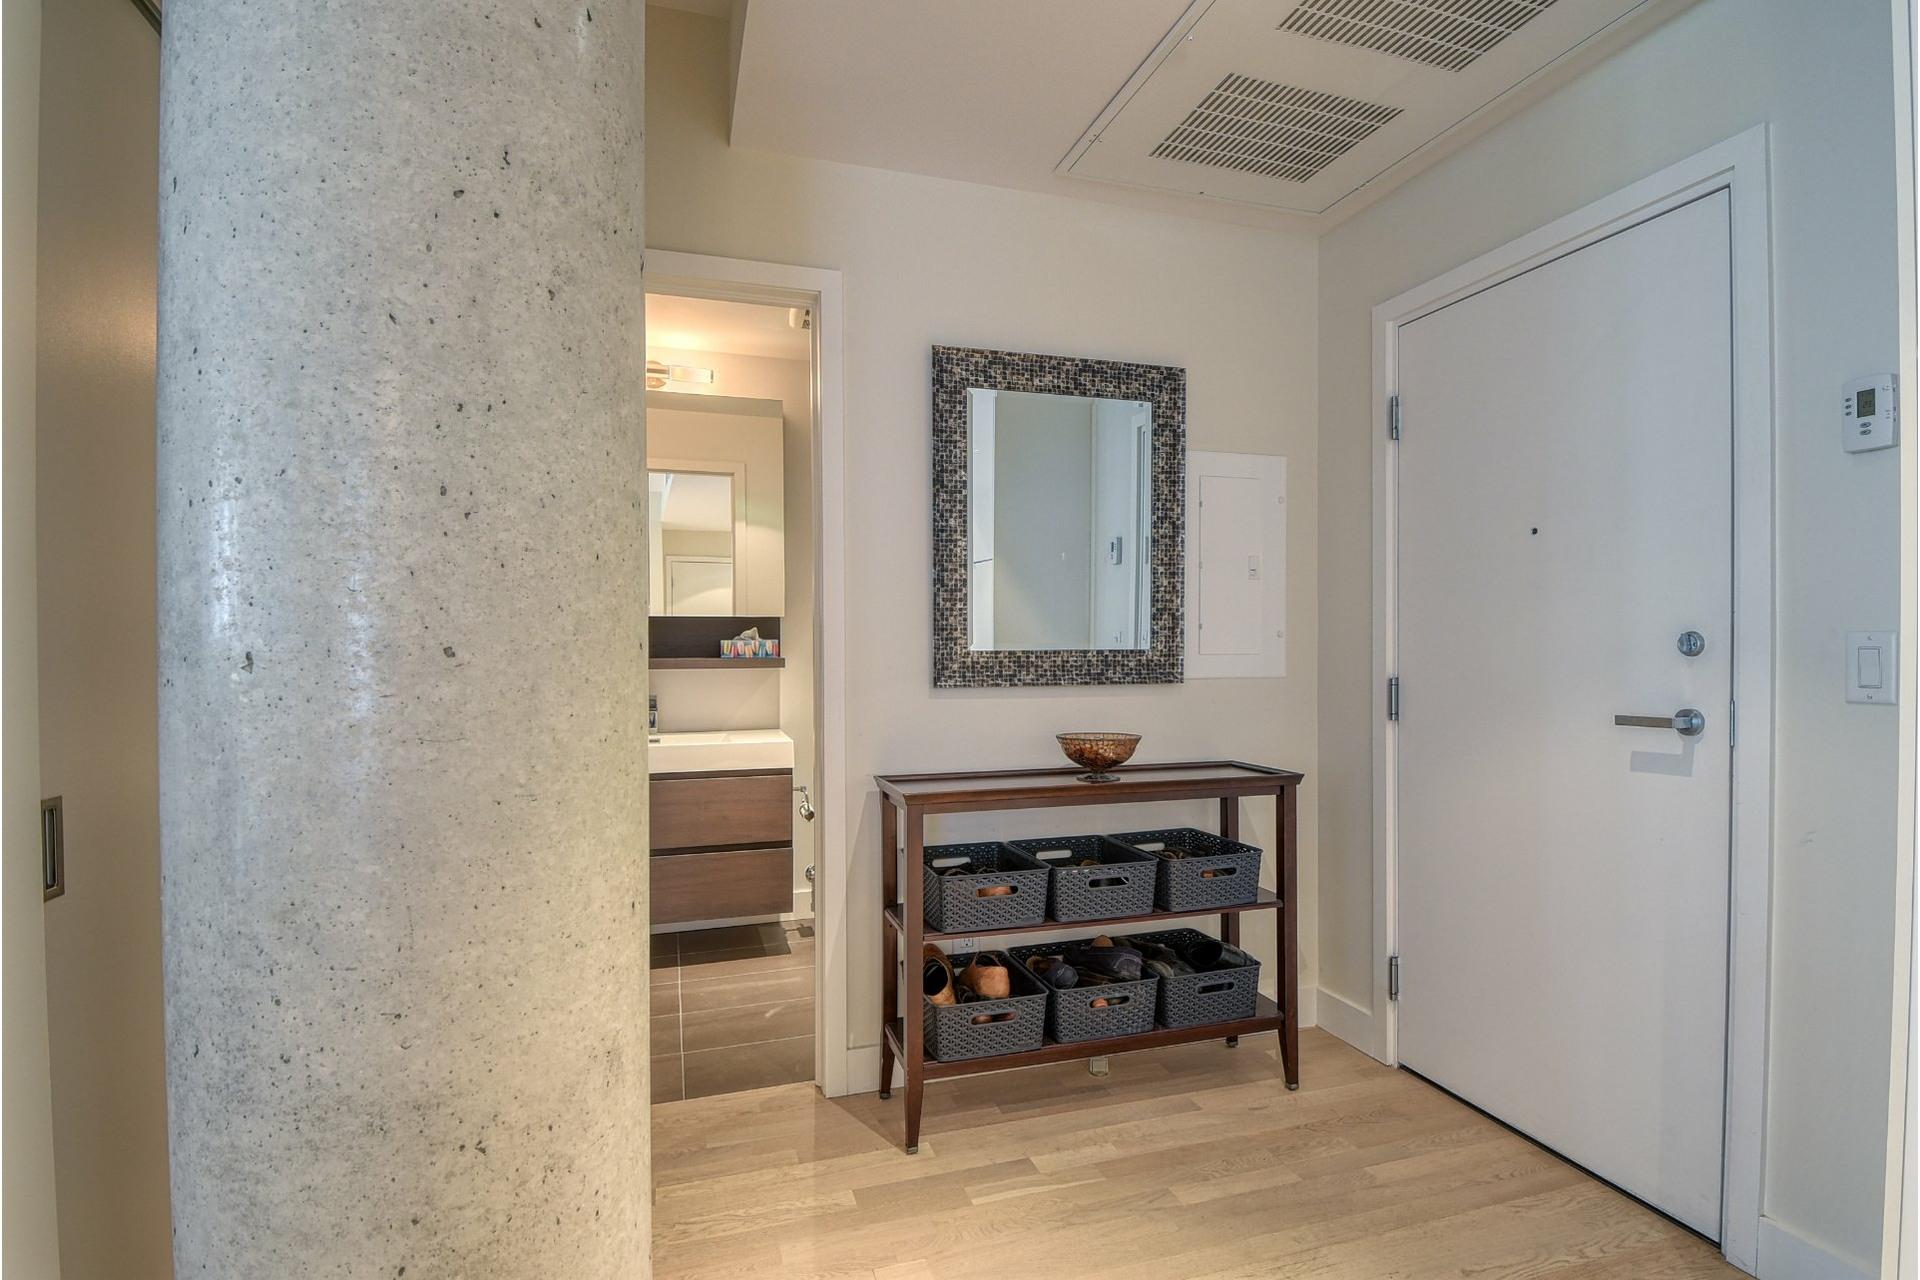 image 19 - Appartement À vendre Villeray/Saint-Michel/Parc-Extension Montréal  - 5 pièces